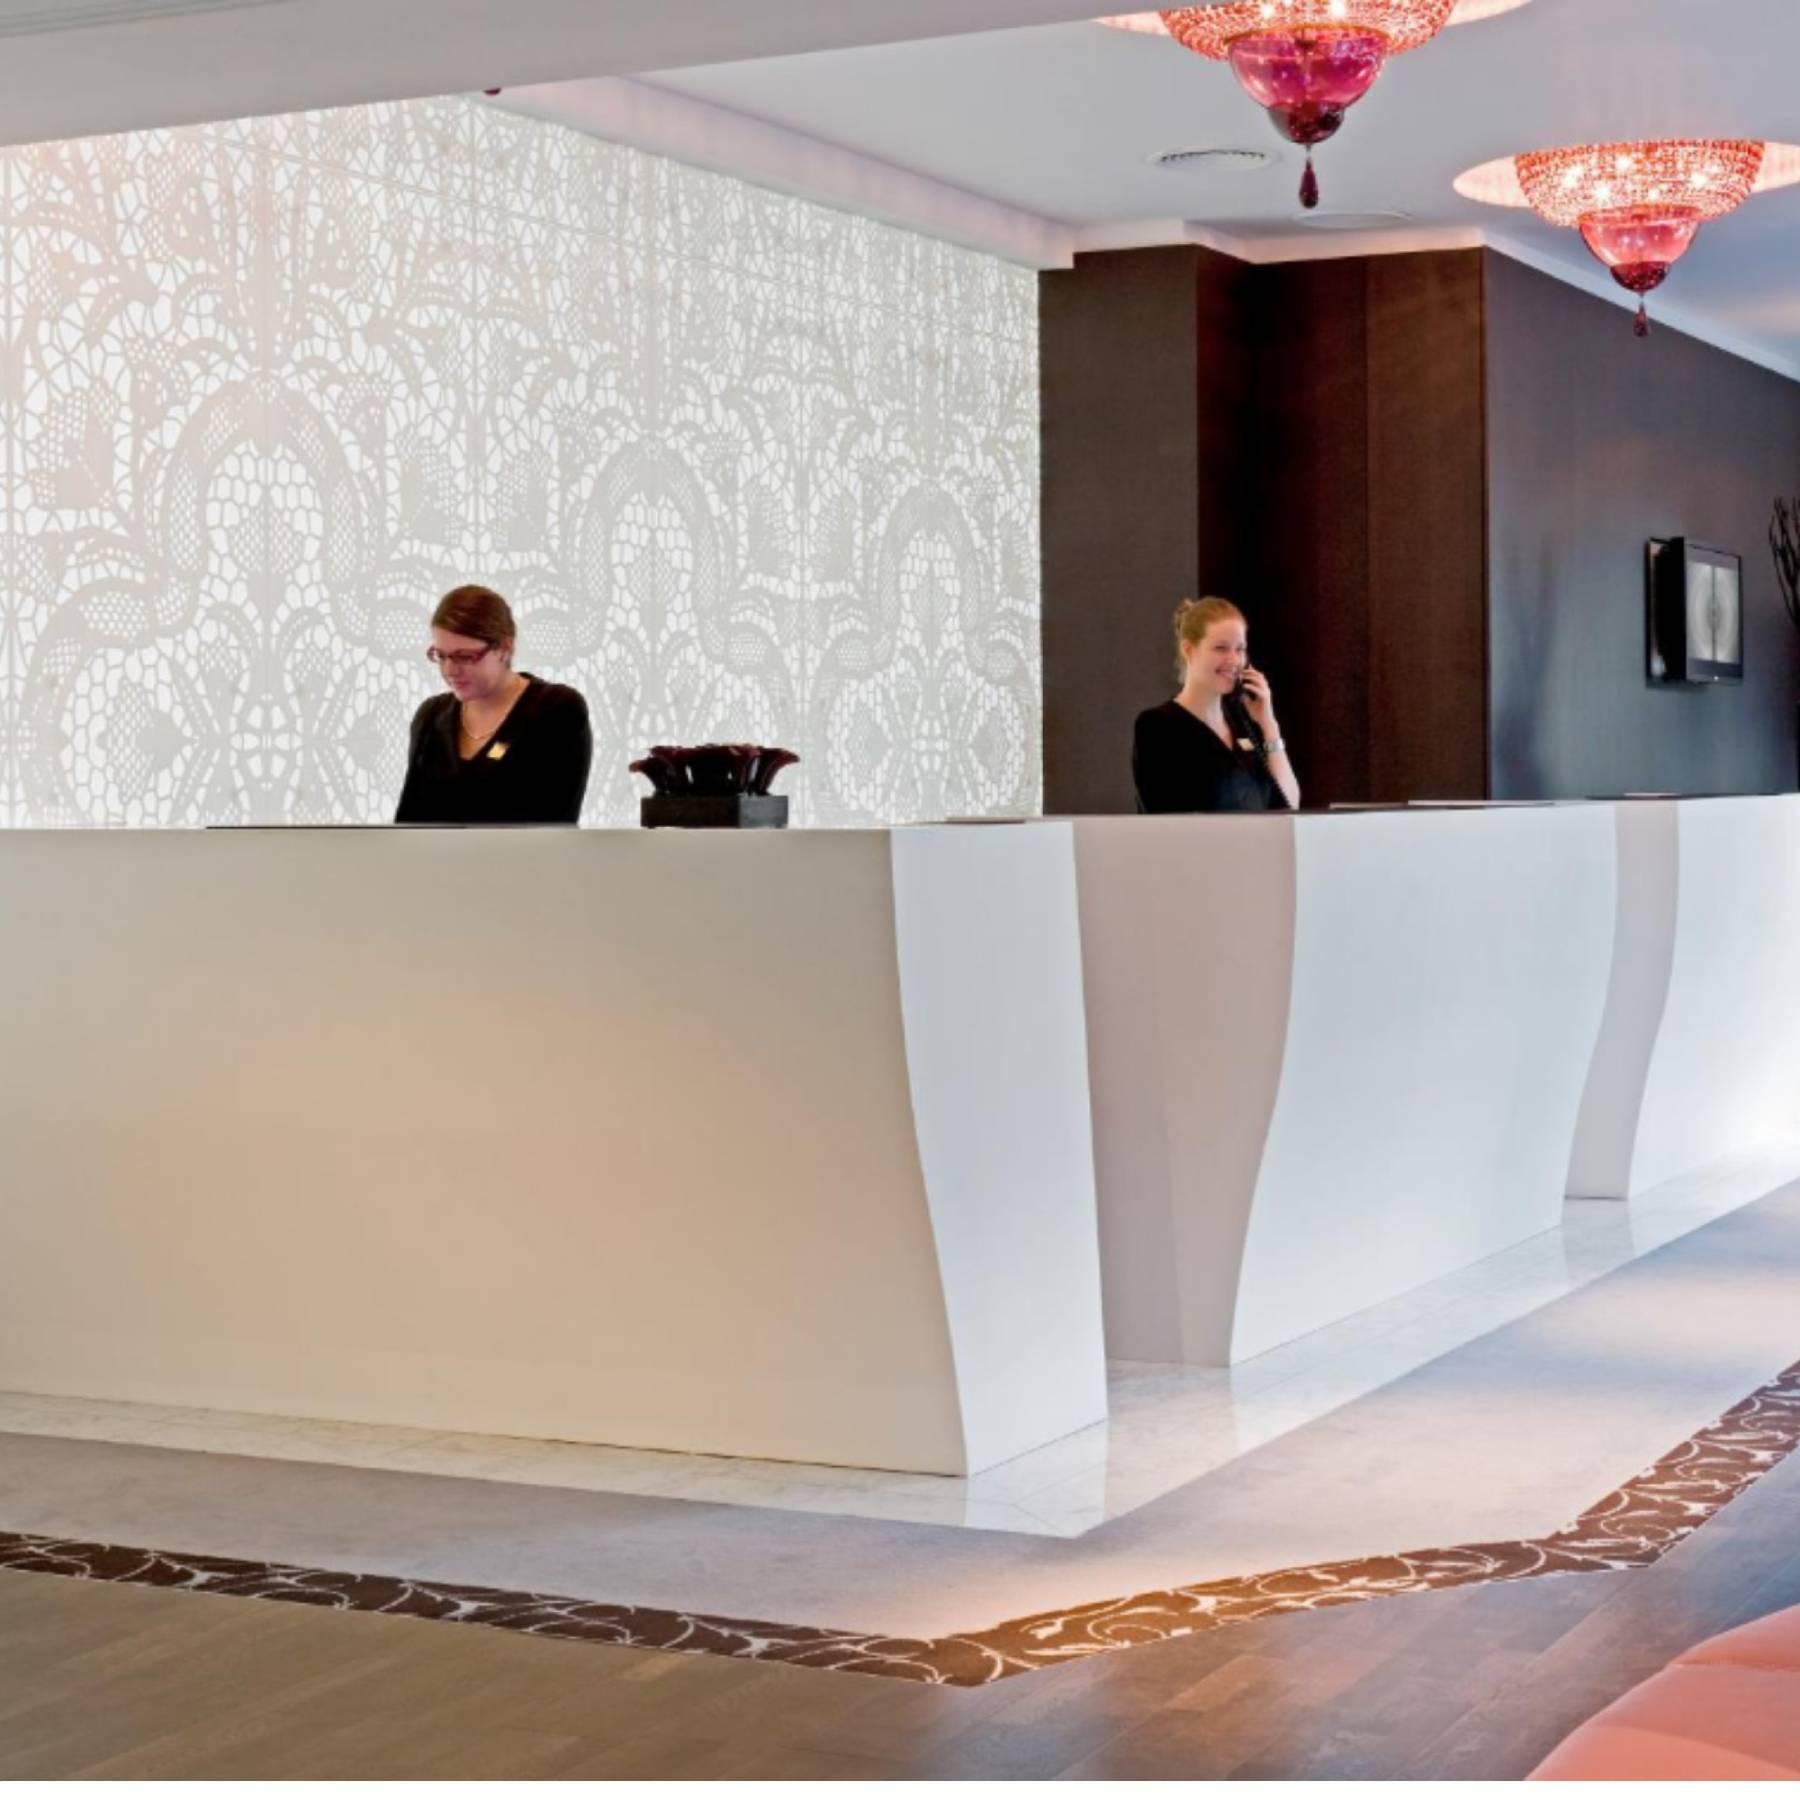 Το Corian® ως υλικό επένδυσης στα ξενοδοχεία μετά την πανδημία